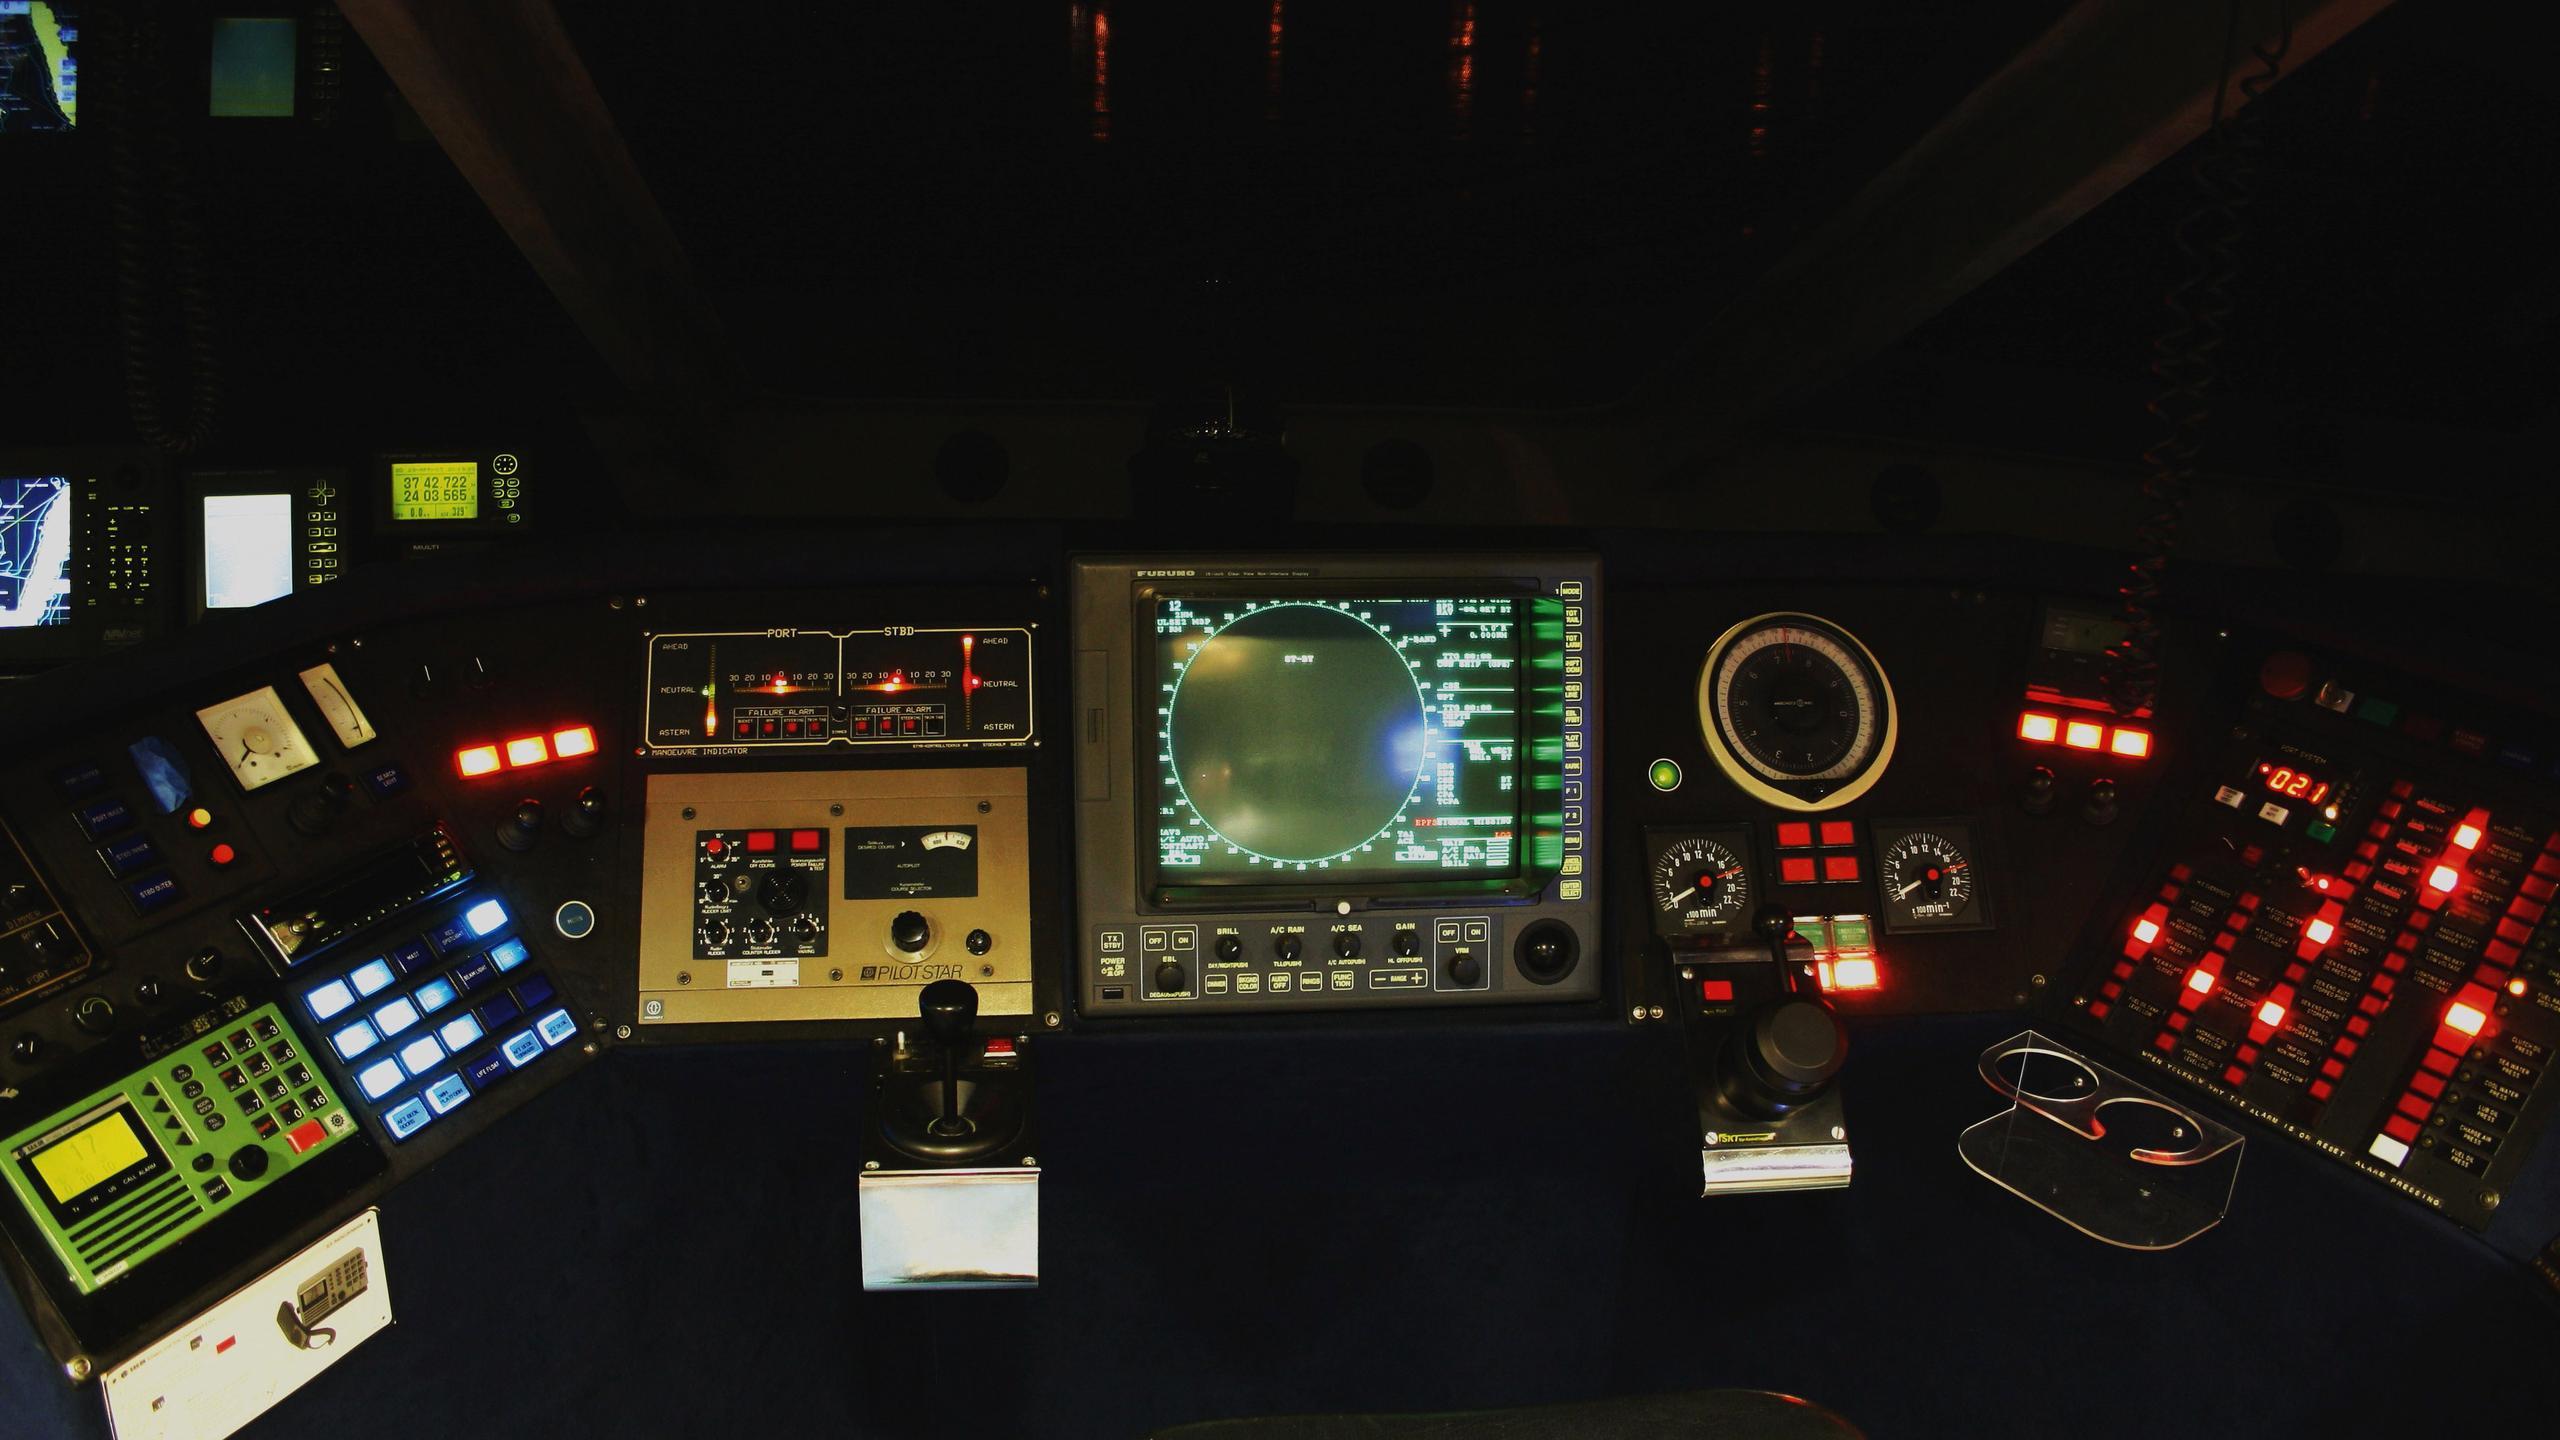 amz-yacht-helm